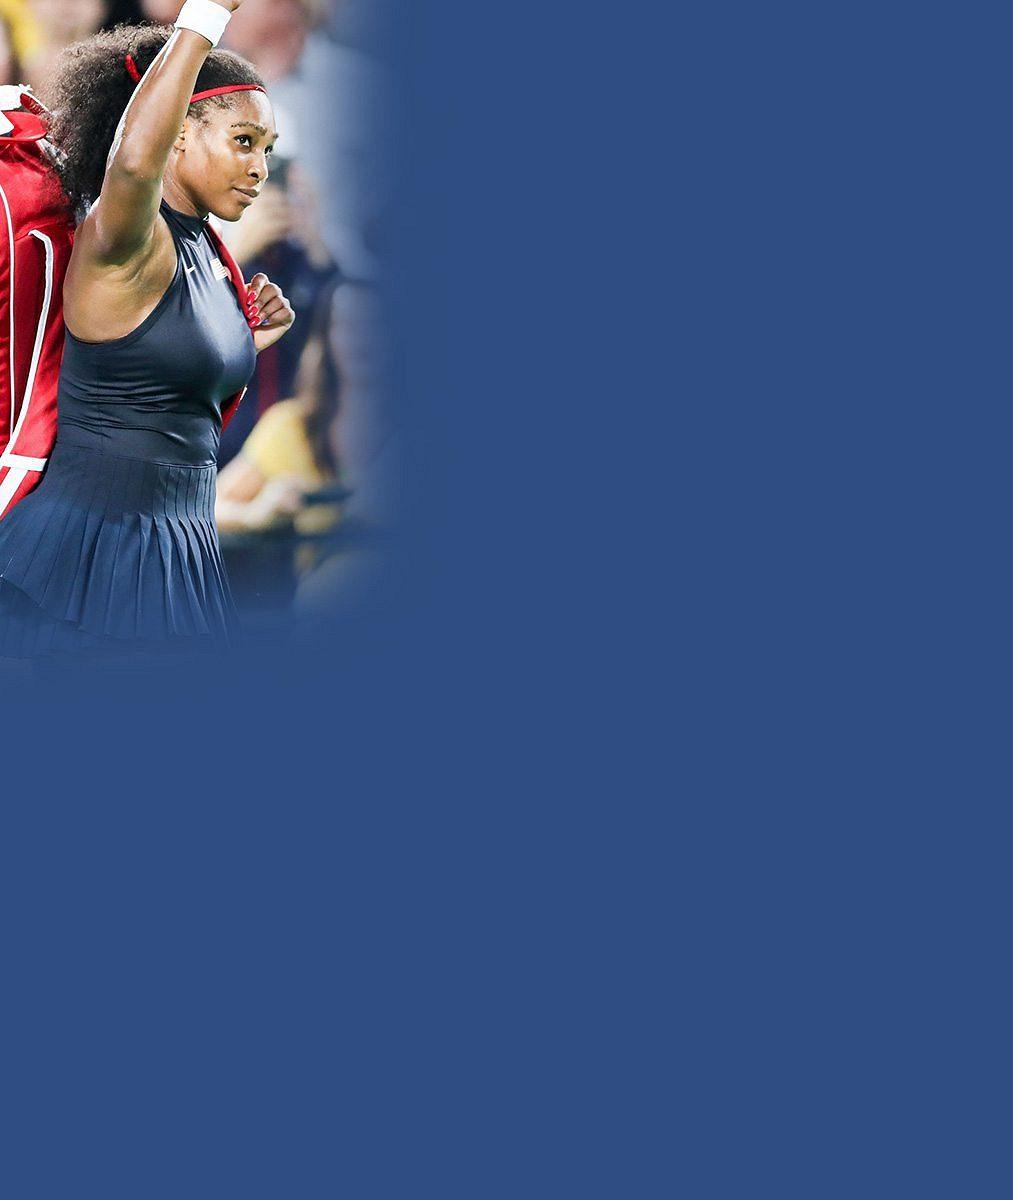 Mnohem lepší než na kurtu: Serena Williams zazářila jako tvář sportovních podprsenek